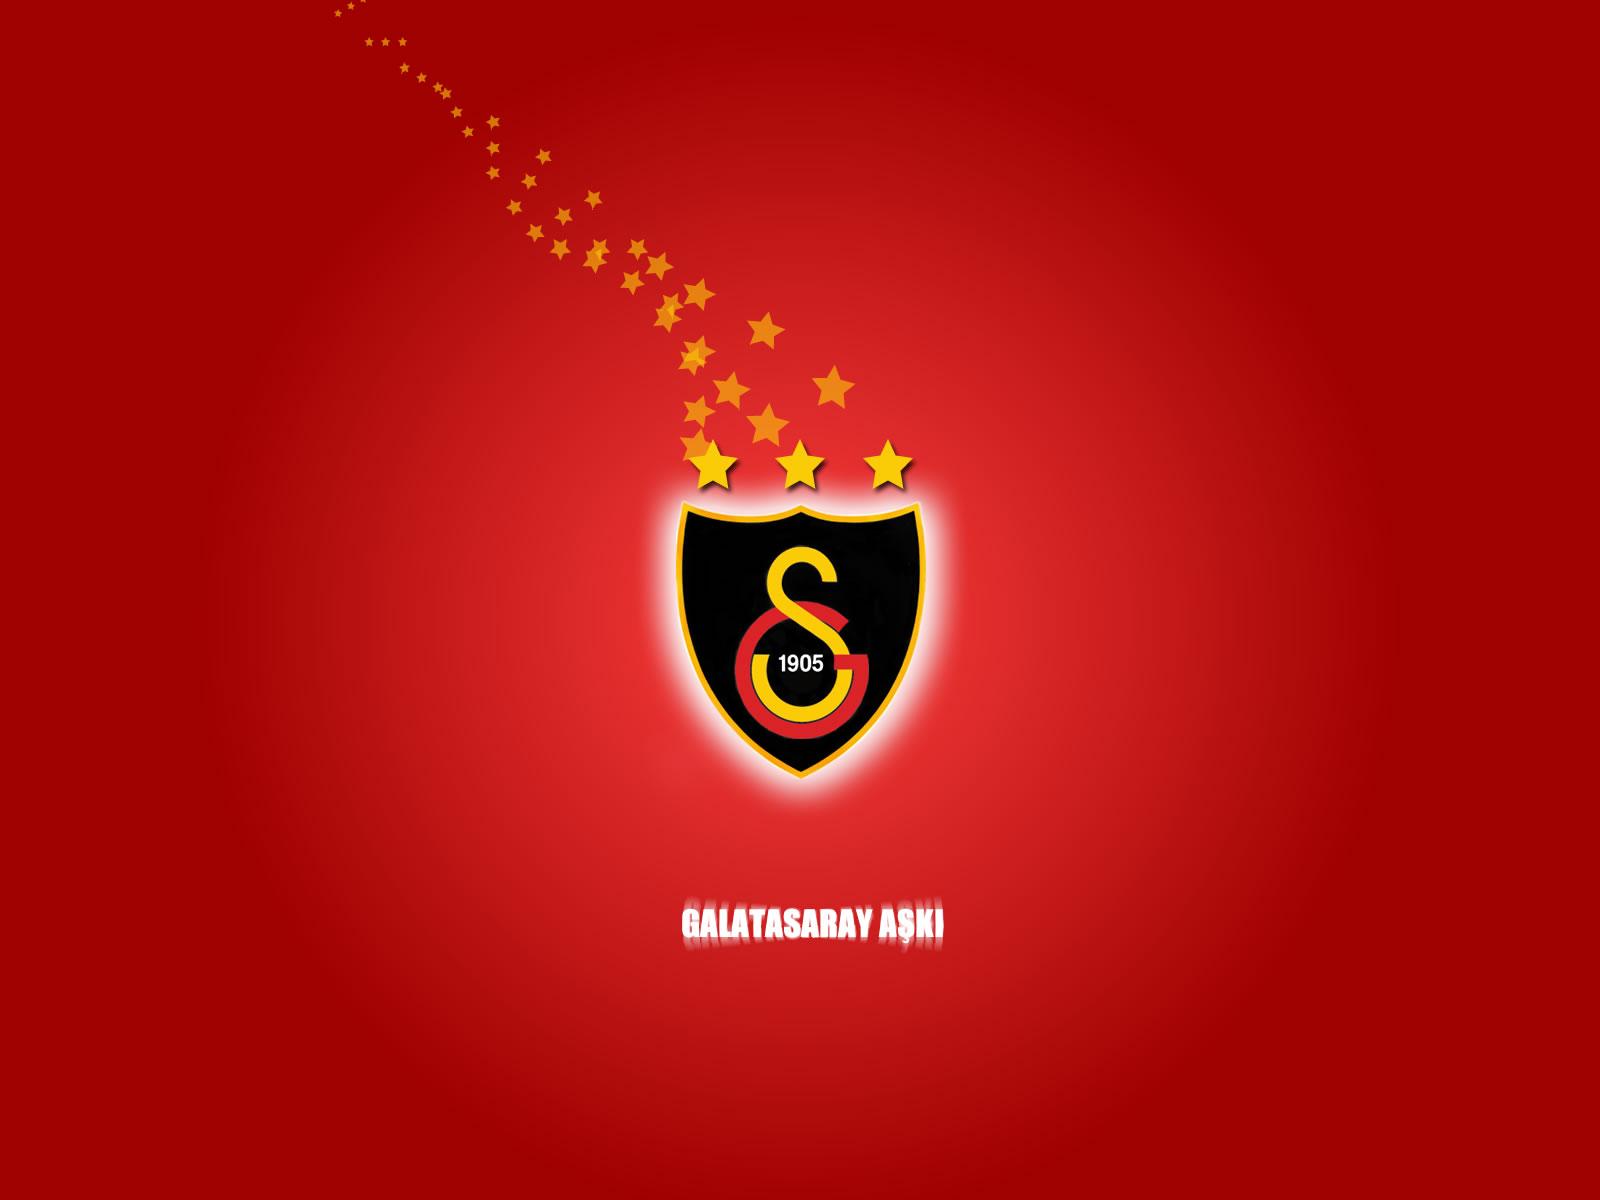 En Gzel Galatasaray Hd Resimleri Hd Wallpapers-9430